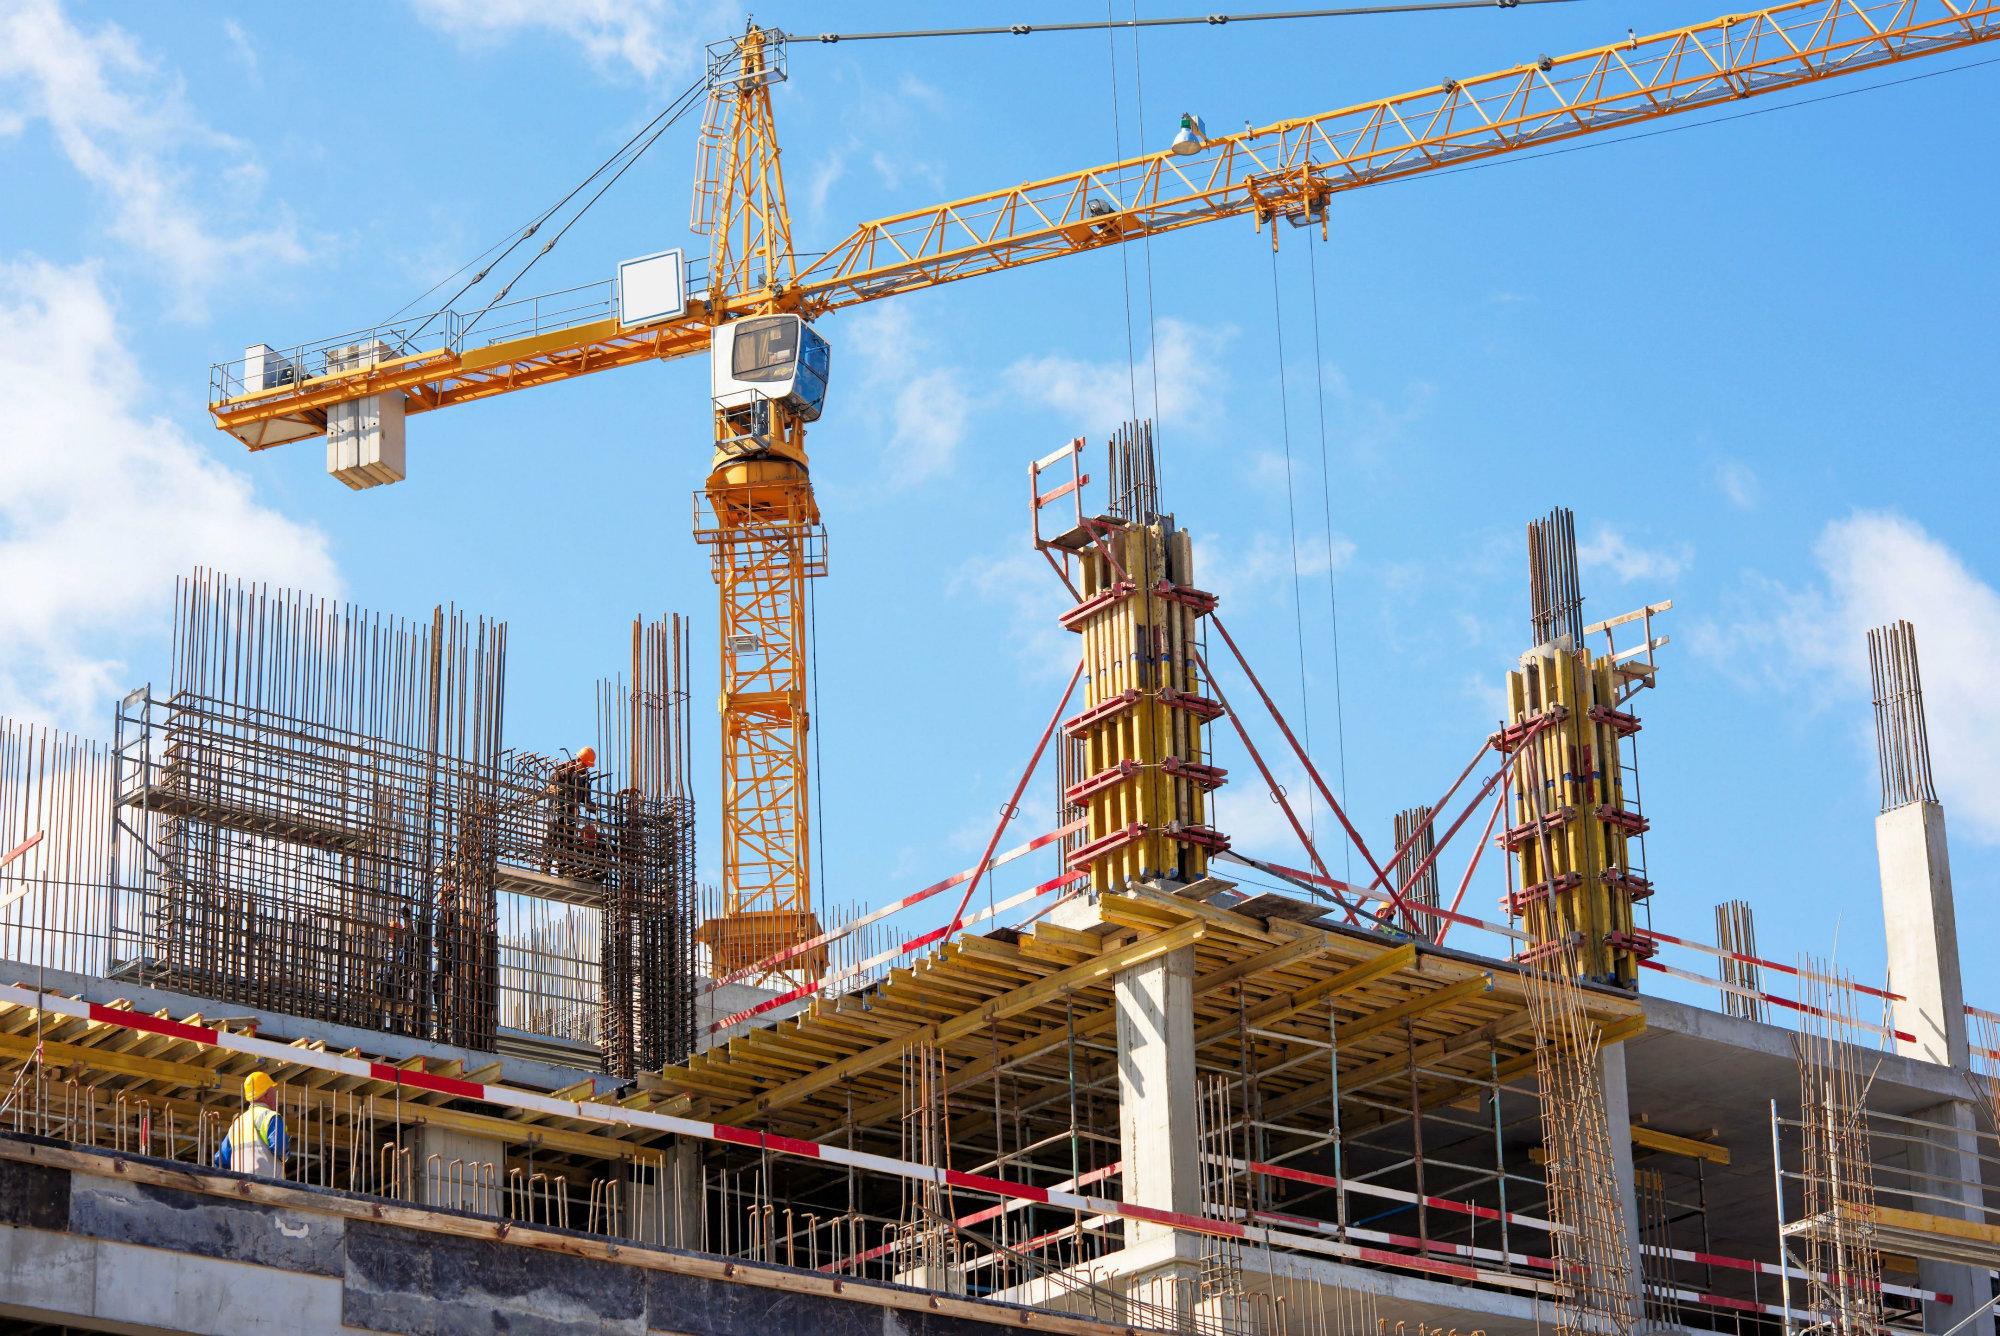 inşaat malzemesi ihracatı ile ilgili görsel sonucu